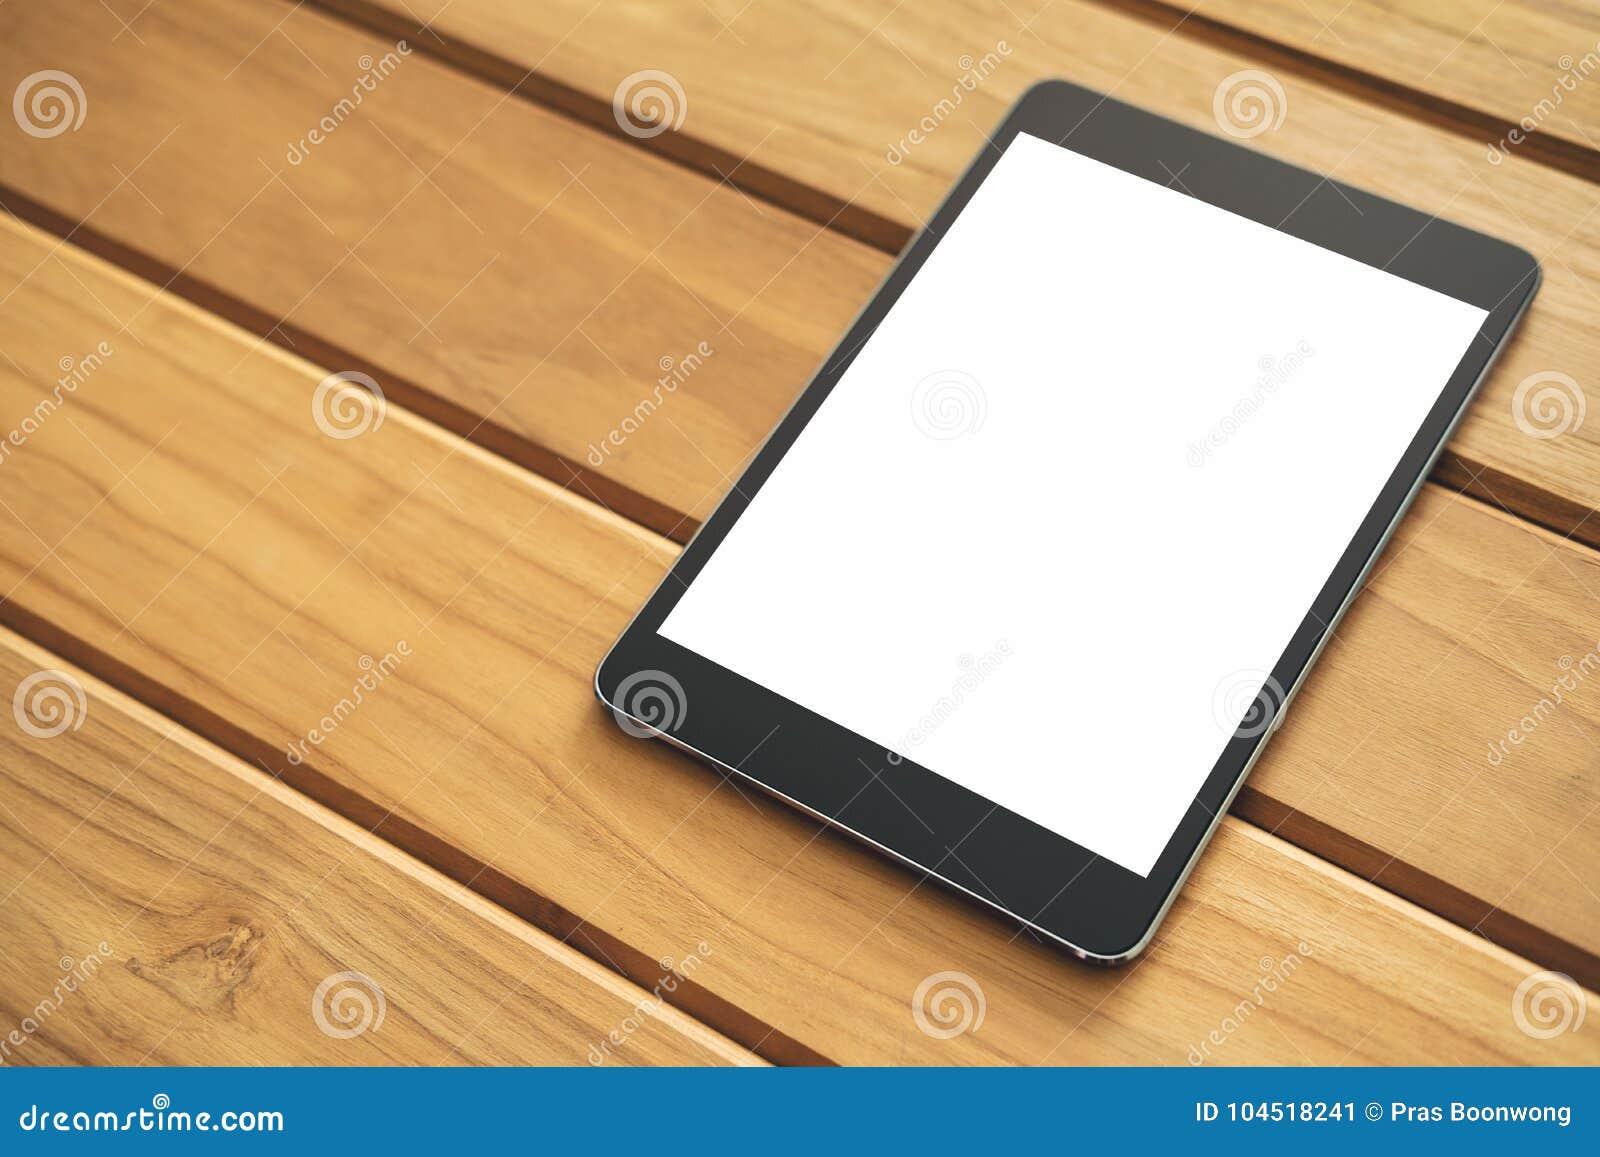 imagen de la maqueta de la pc negra de la tableta con la